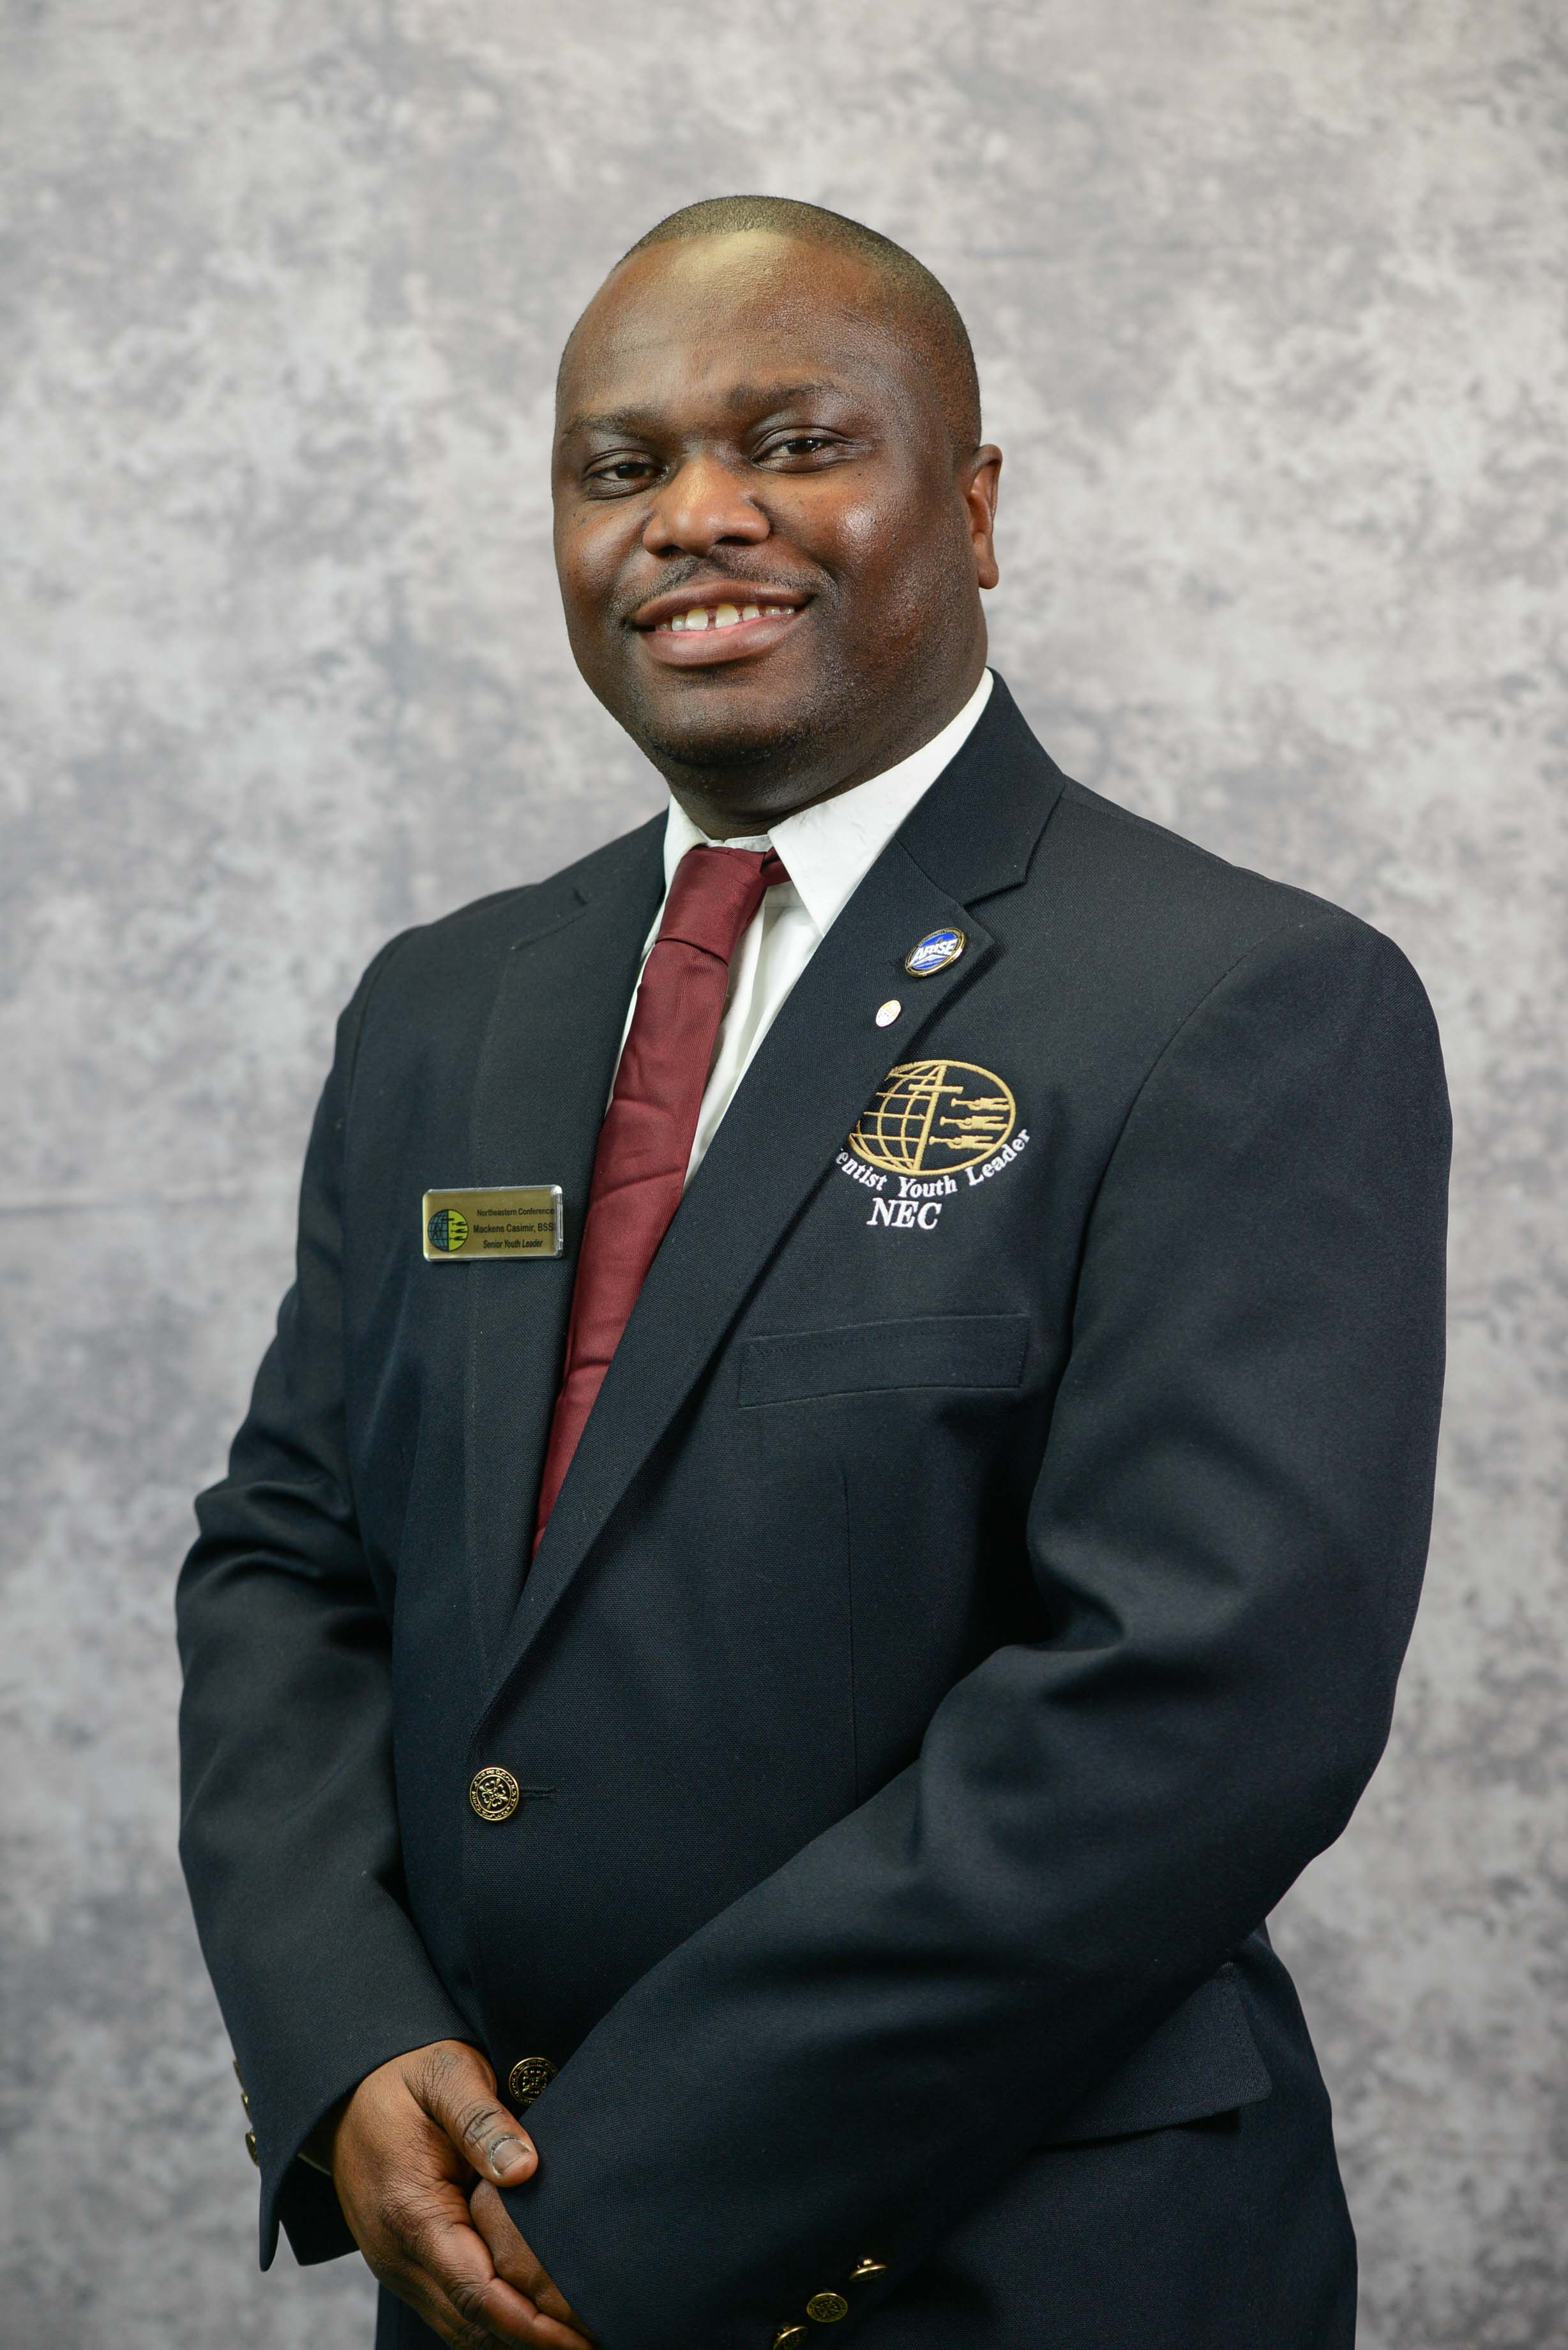 Mackens Casimir, Asst. Drill Coordinator